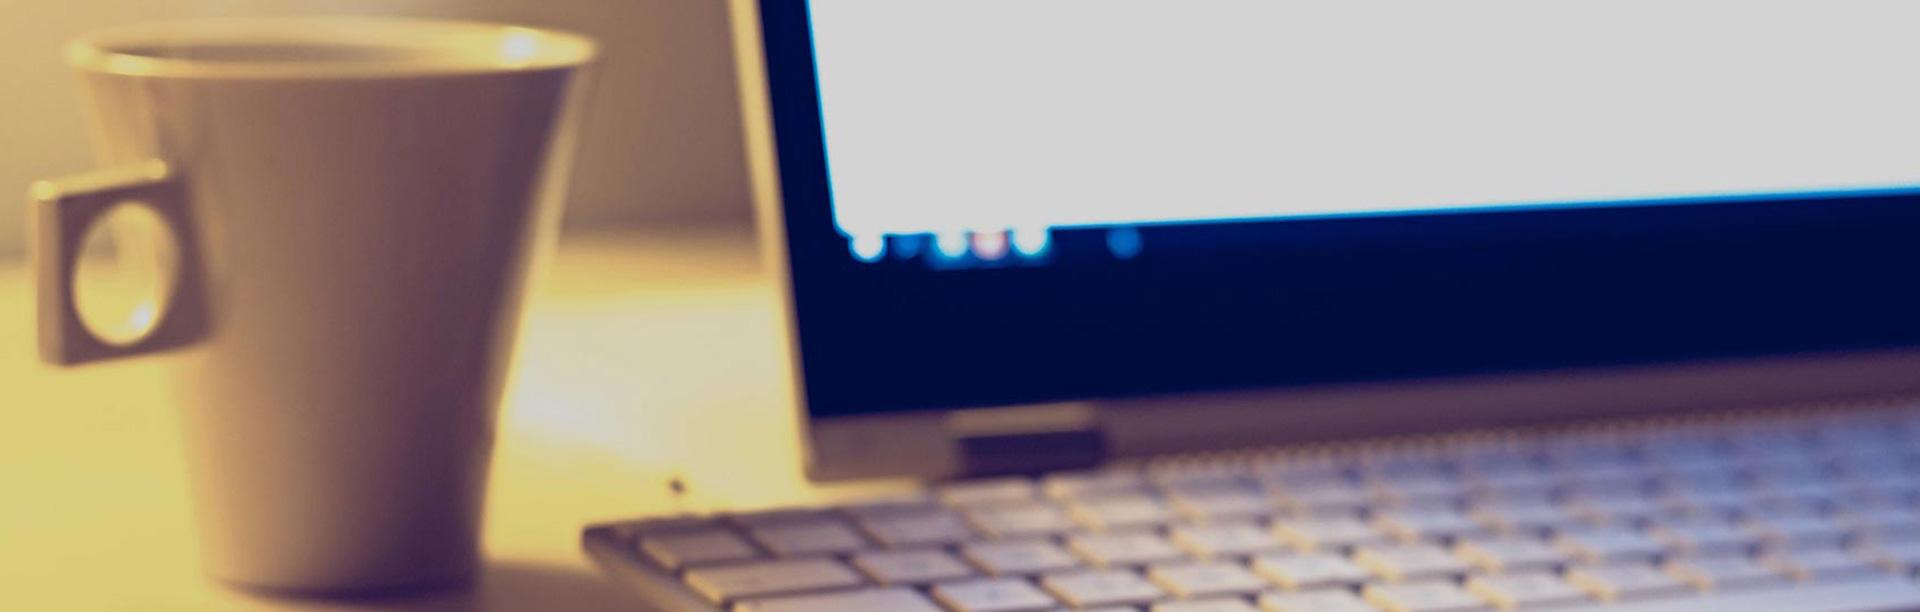 banner laptop kaffee